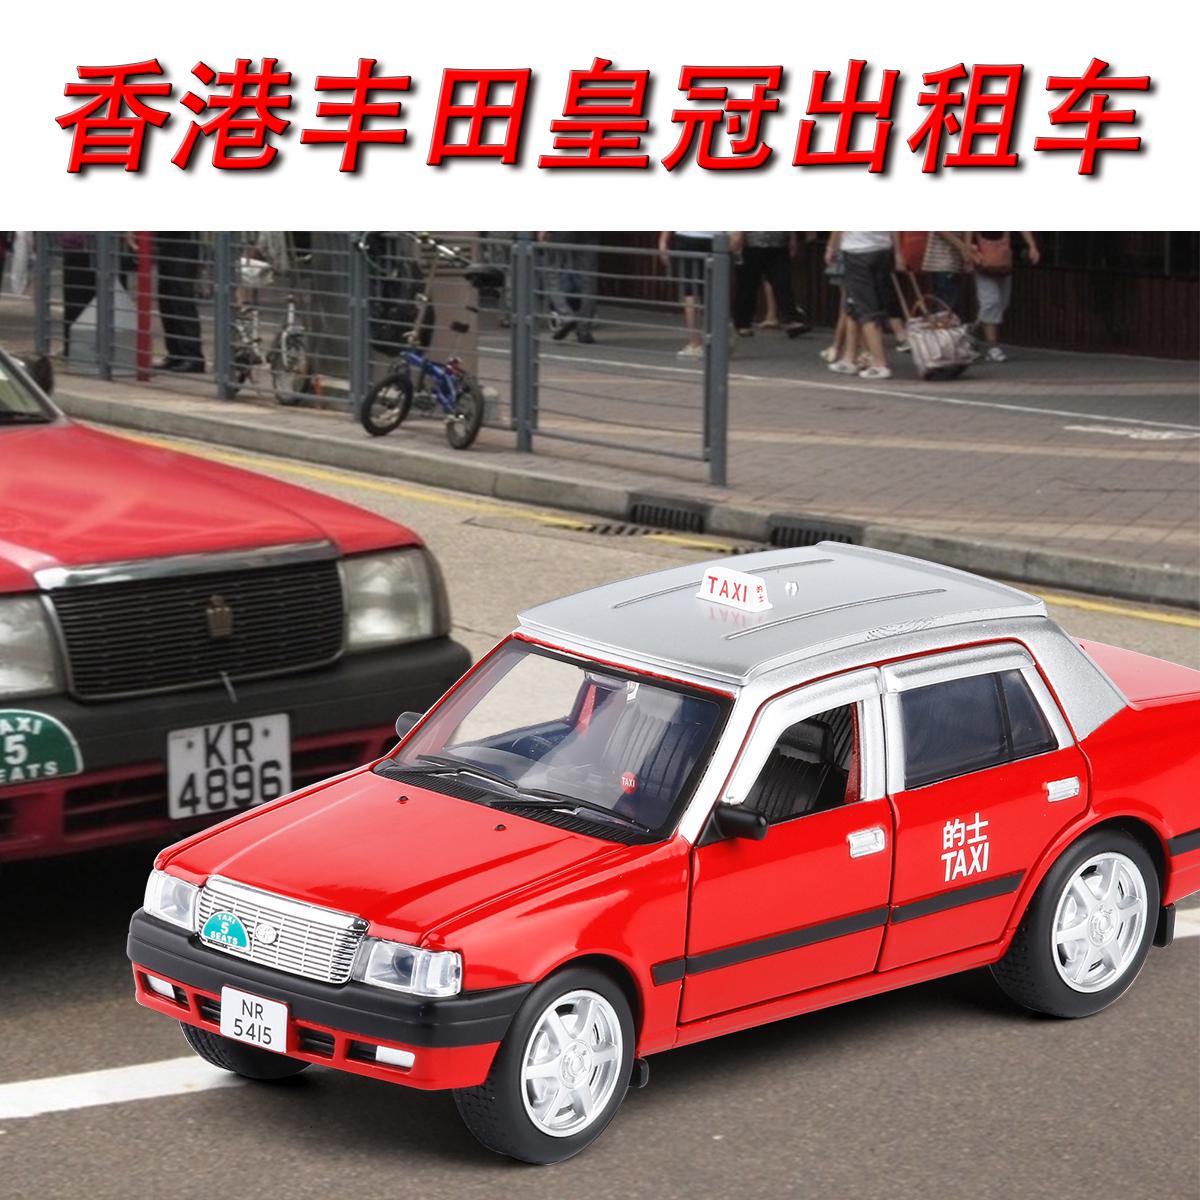 New JK1: 32 Hong Kong Crown Taxi Sáu cửa Âm thanh và ánh sáng kéo lại xe hợp kim Mô hình đồ chơi trẻ em - Chế độ tĩnh